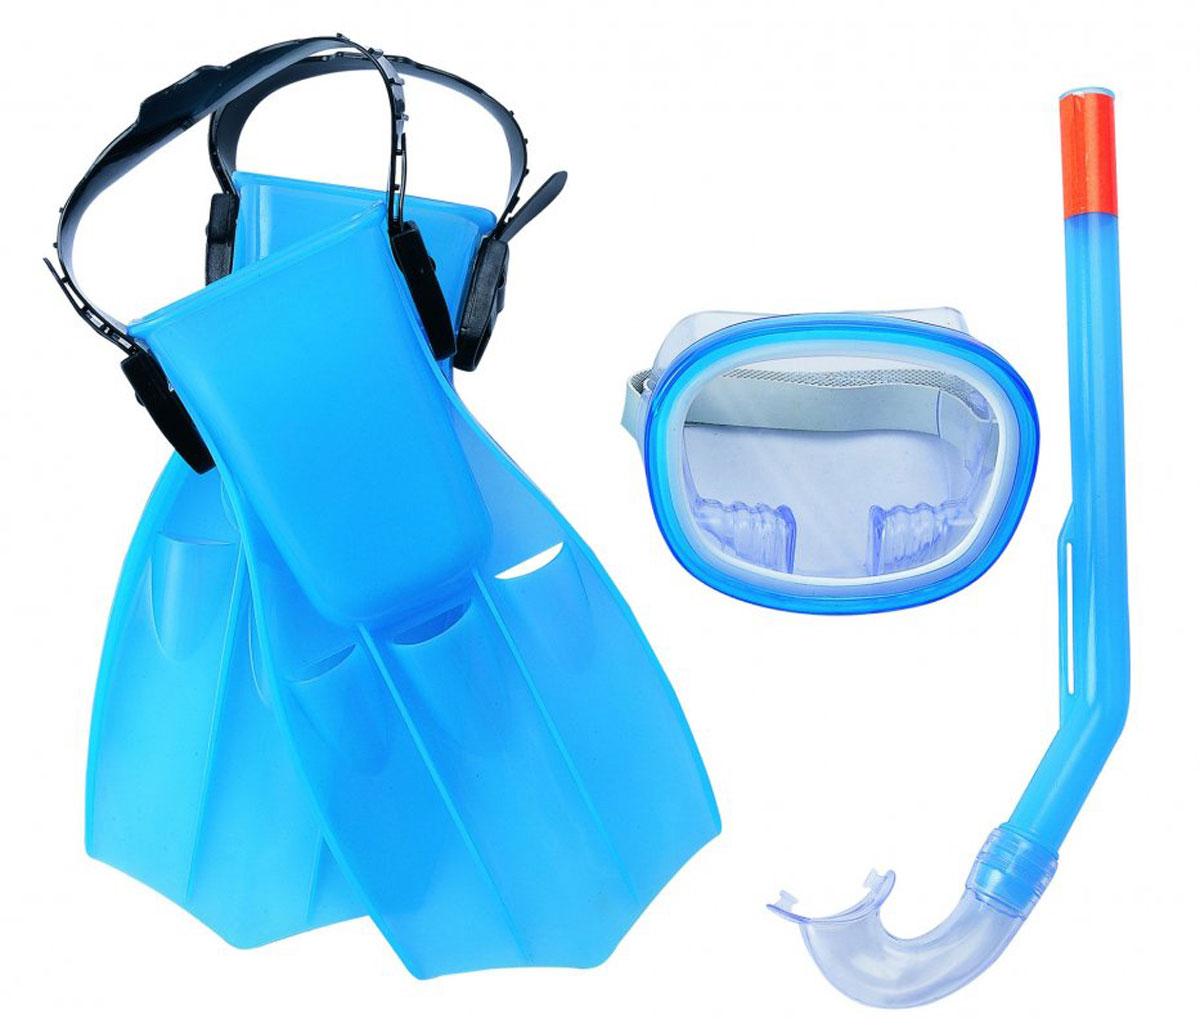 Набор для ныряния детский Bestway Play Pro, цвет: голубой. 2500825008_голубой